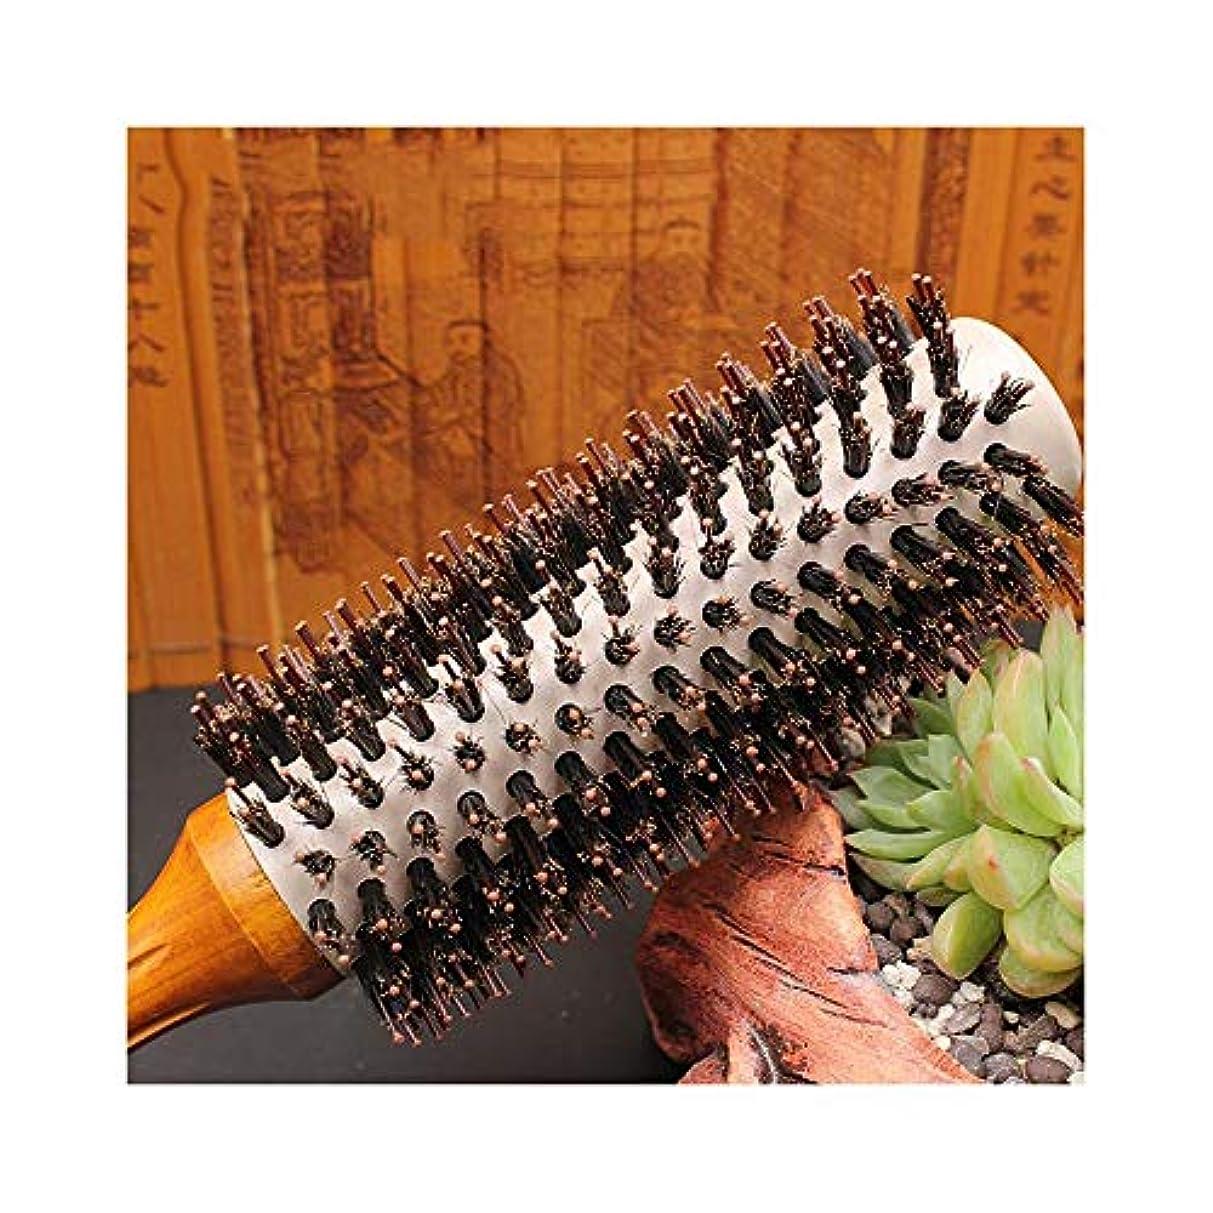 置換効能トリプルすべてのヘアスタイルのためにイノシシ毛&ナイロンピン - イノシシ毛ラウンド櫛ドライヘアブラシブロー ヘアケア (サイズ : XL)